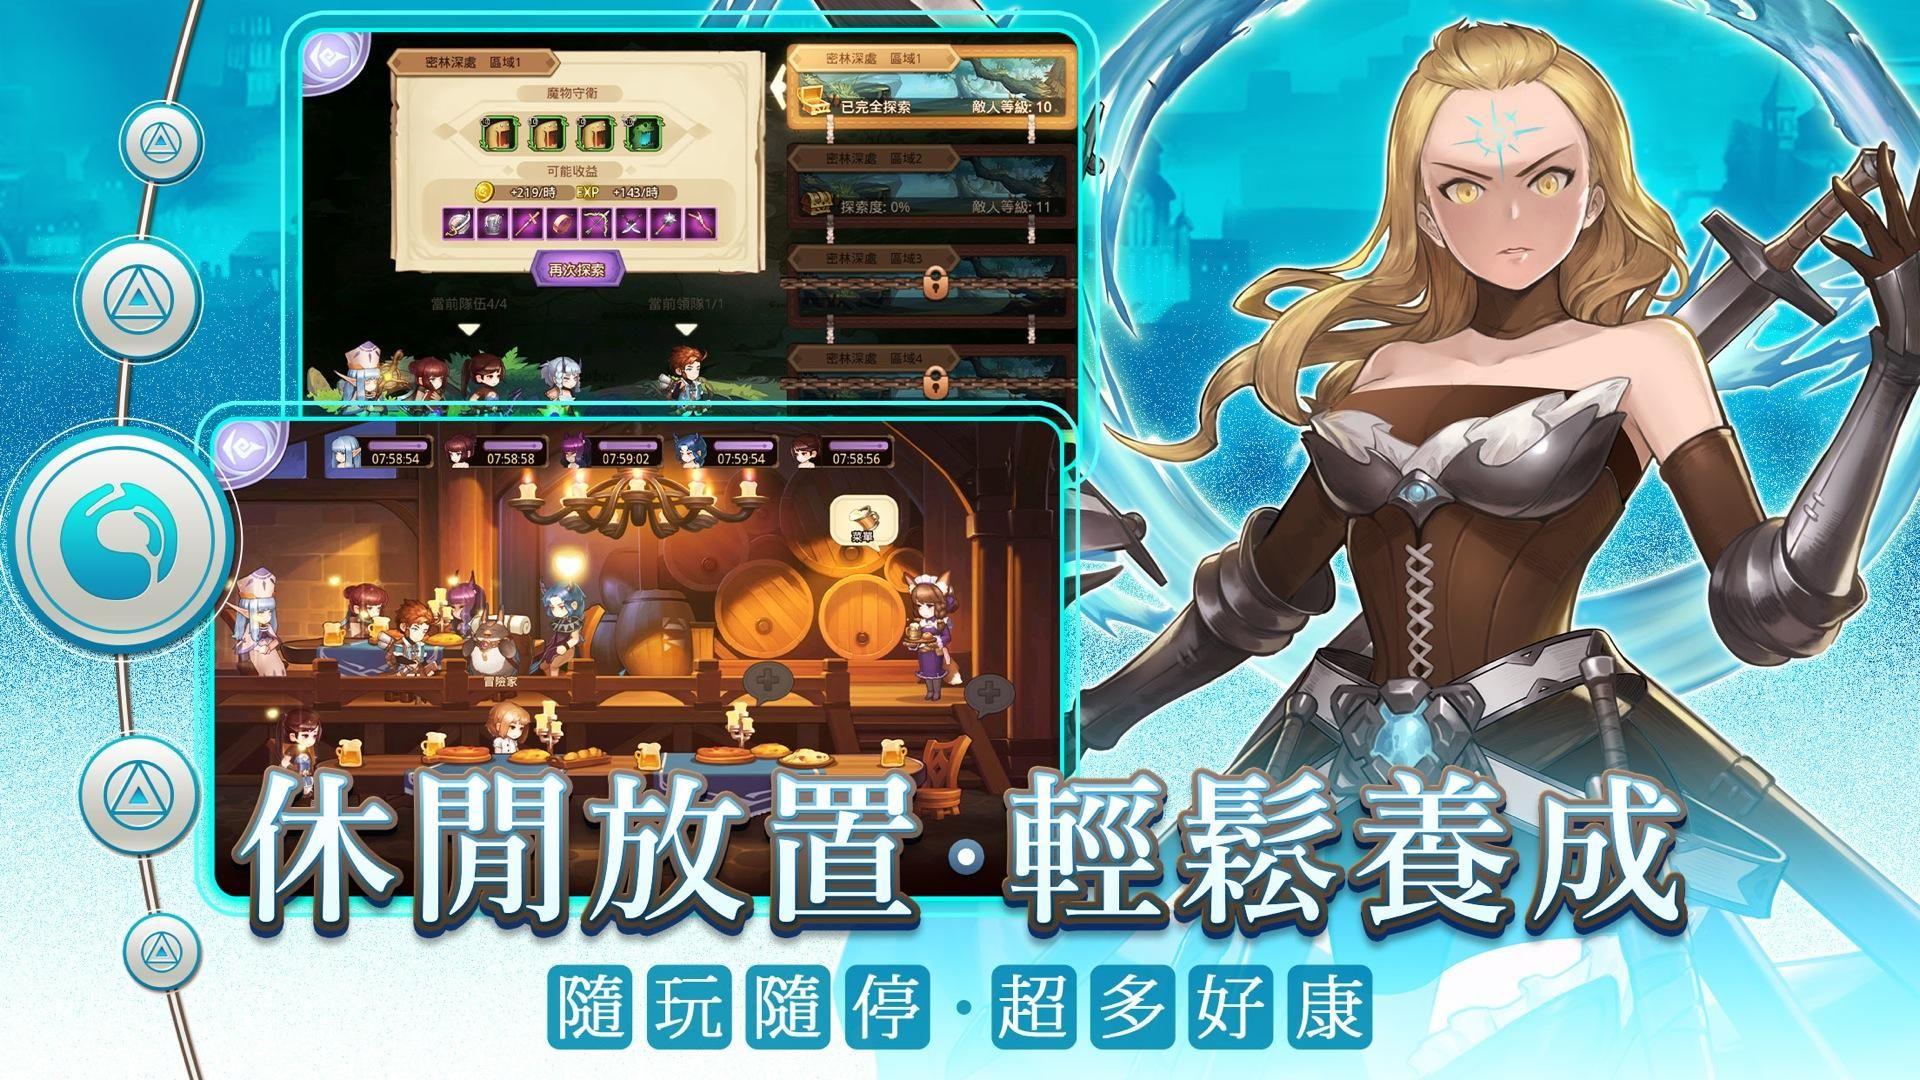 元素契约 - 超人気RPG×迷宫冒险物语 游戏截图5